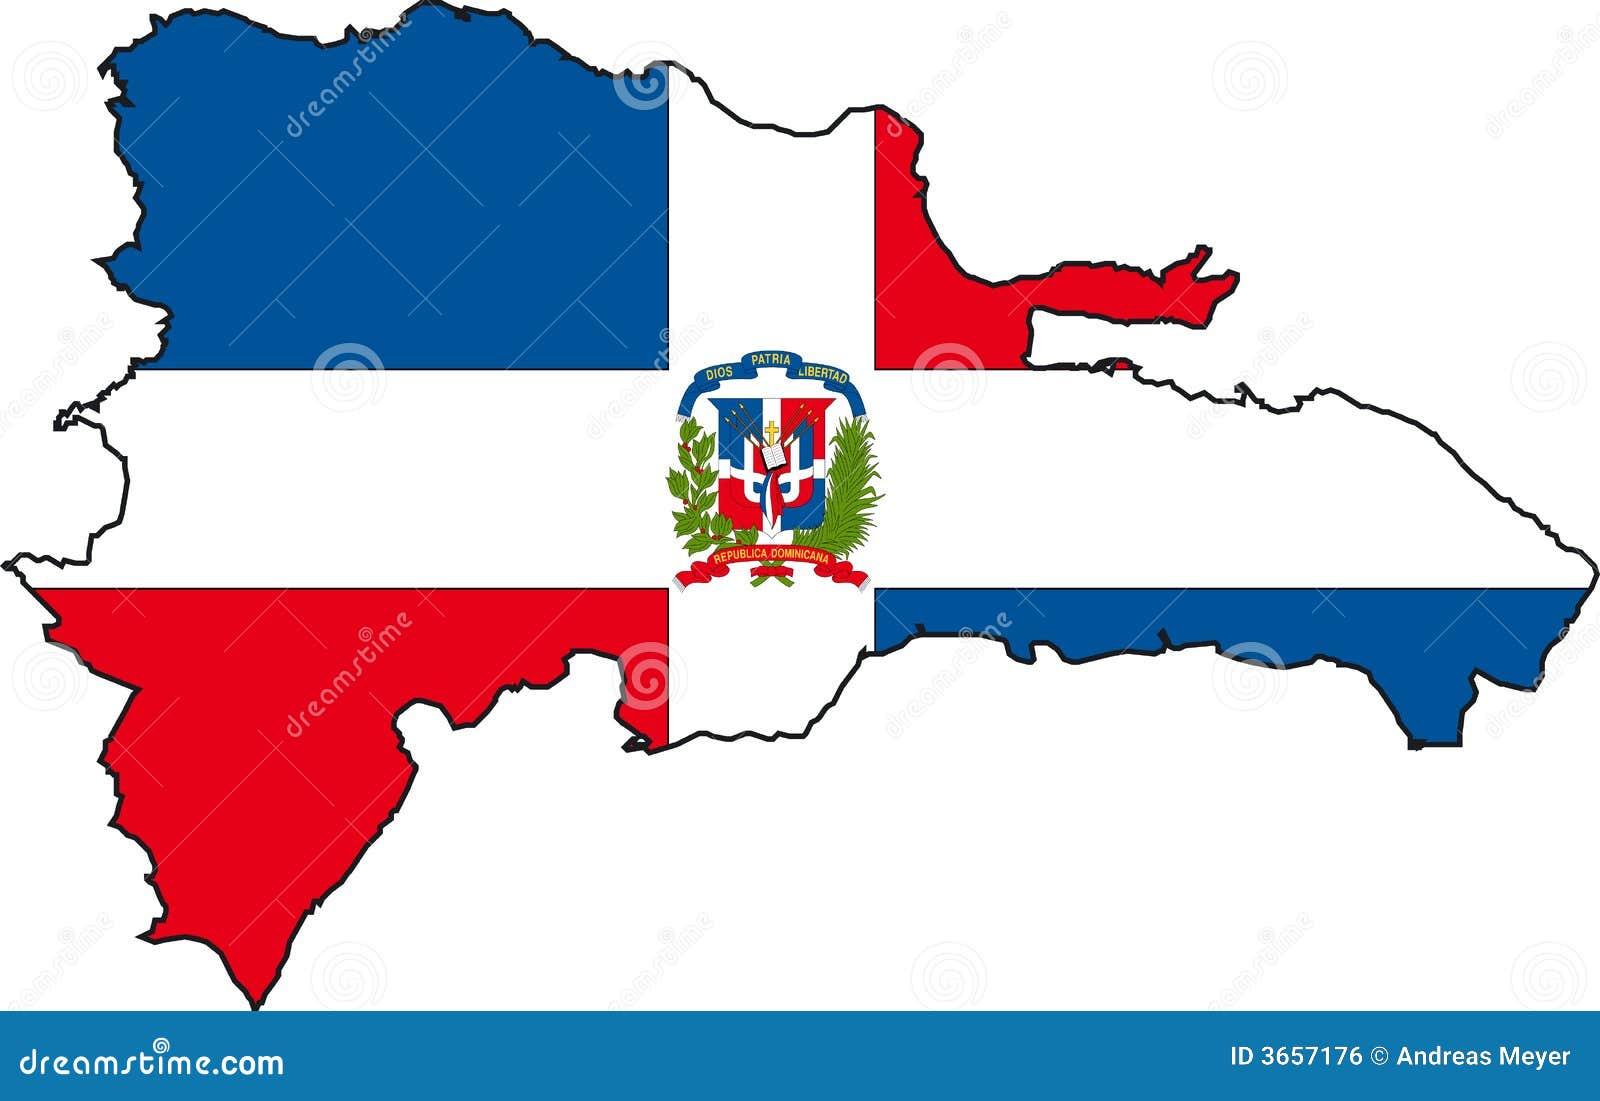 Mapy dominican republiki wektora